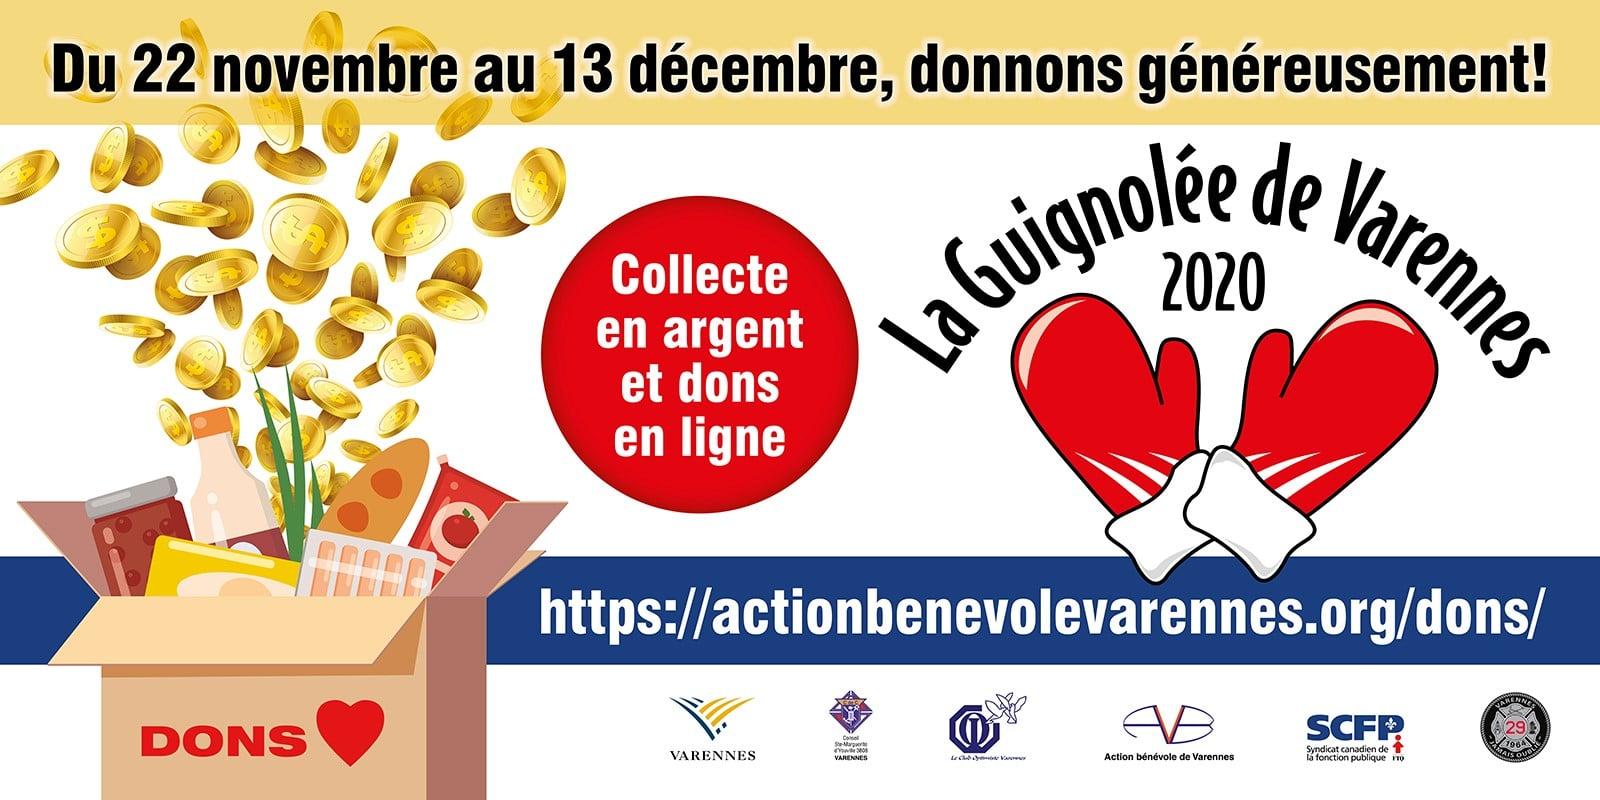 Guignolee_Affiche_promo_(Web).jpg (183 KB)